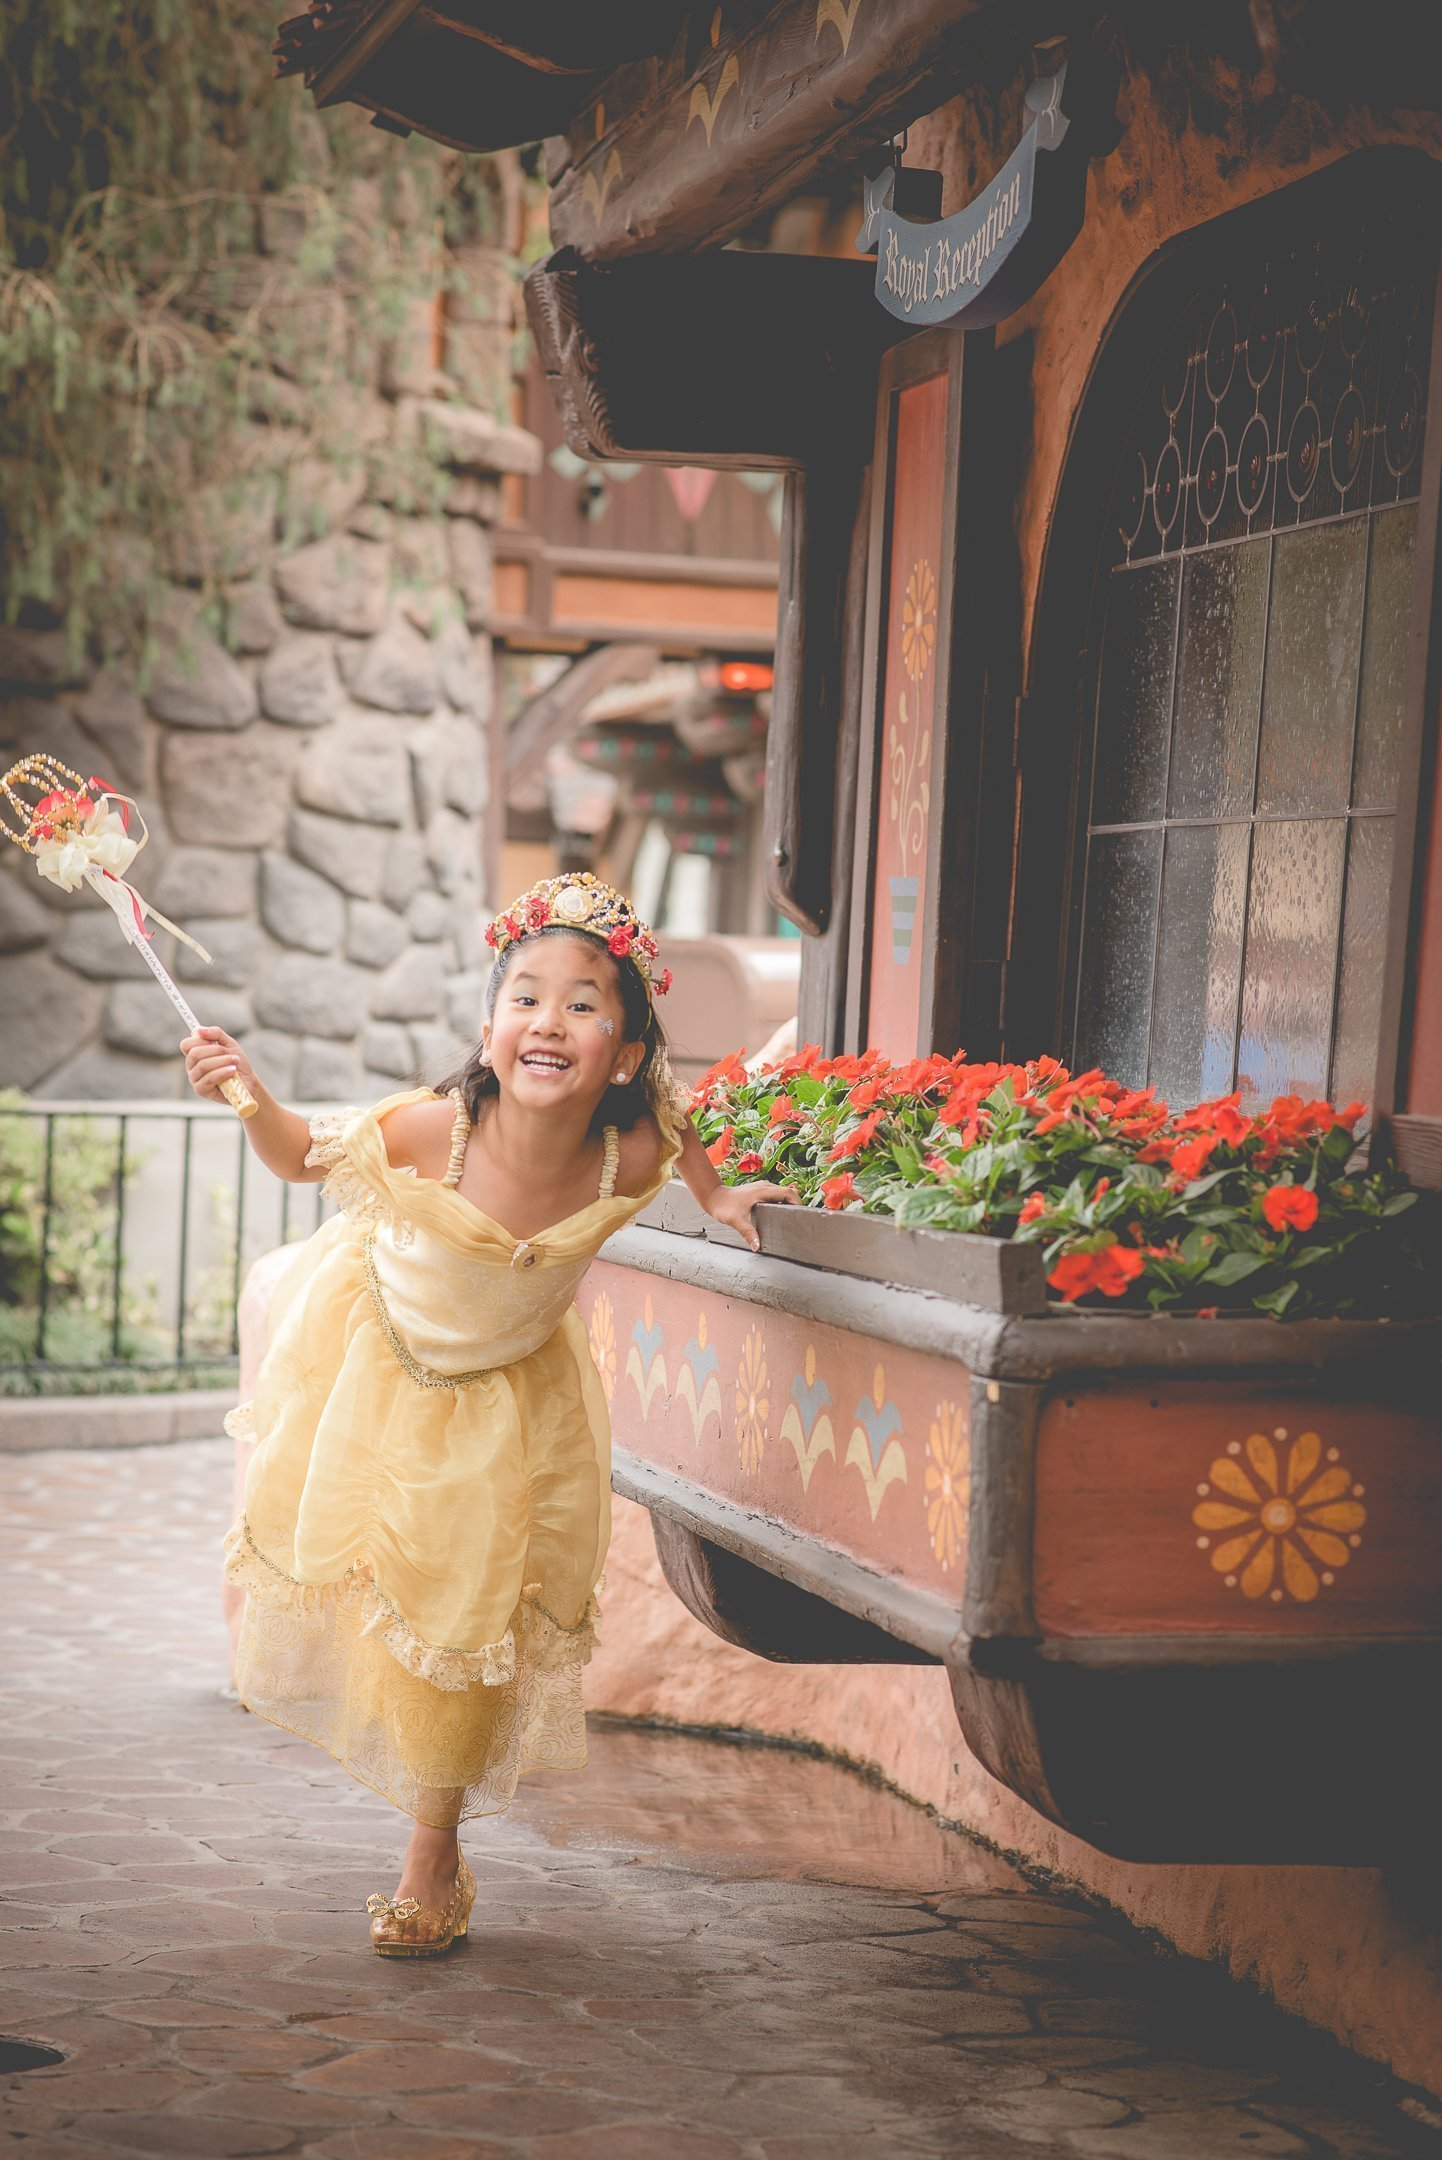 Girl with princess dress playing